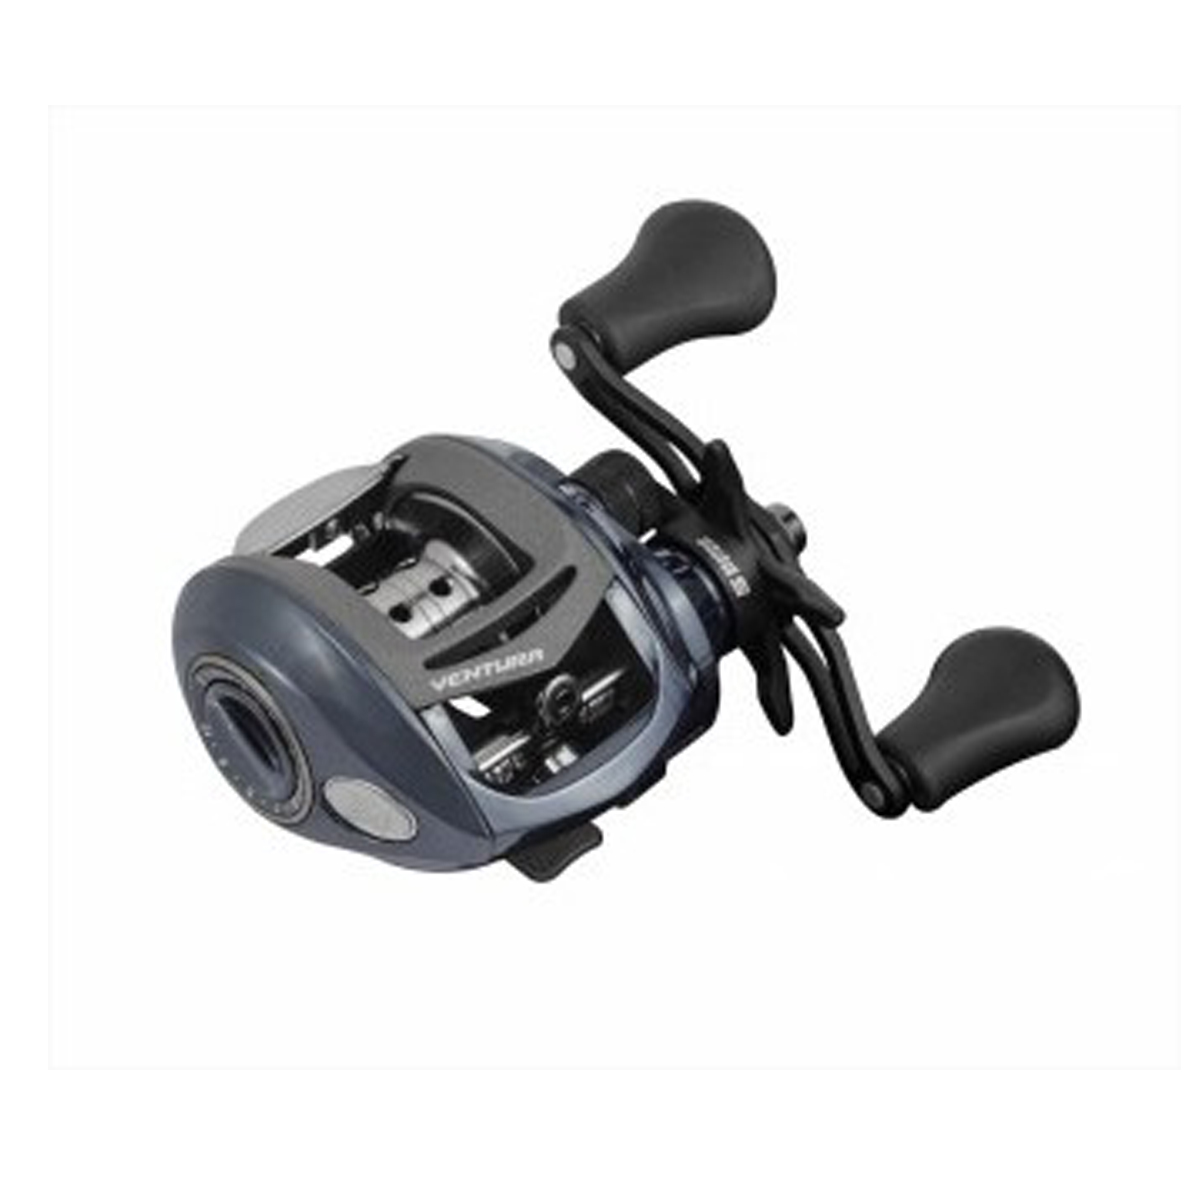 Carretilha Marine Sports New Ventura 5000  - Pró Pesca Shop